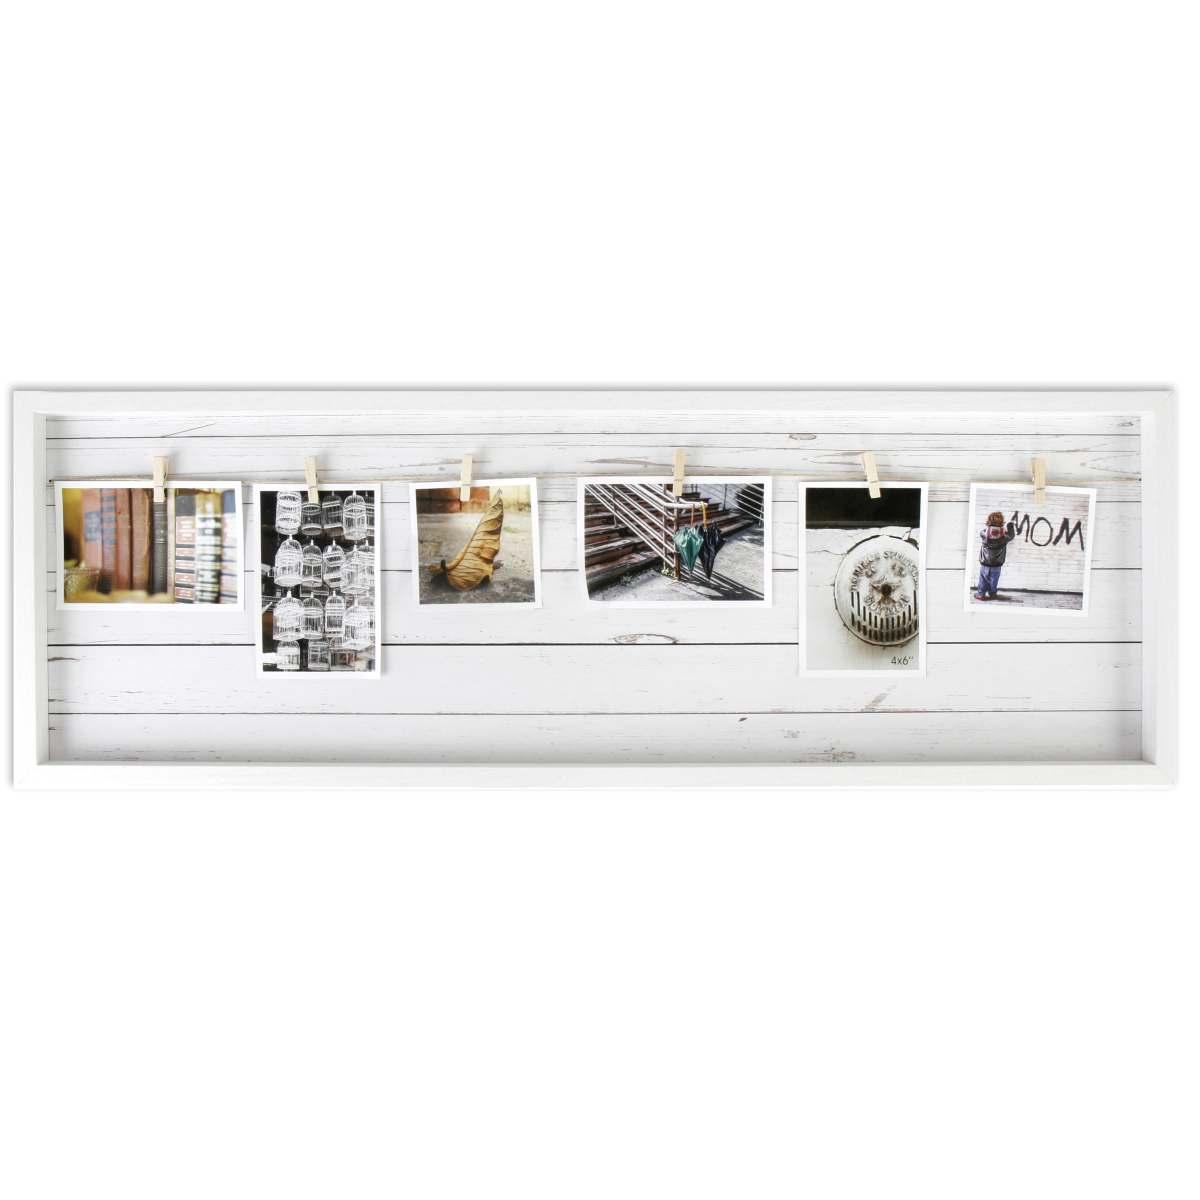 Bildergalerie / Fotorahmen weiß mit 6 Klammern, 90 x 30 cm